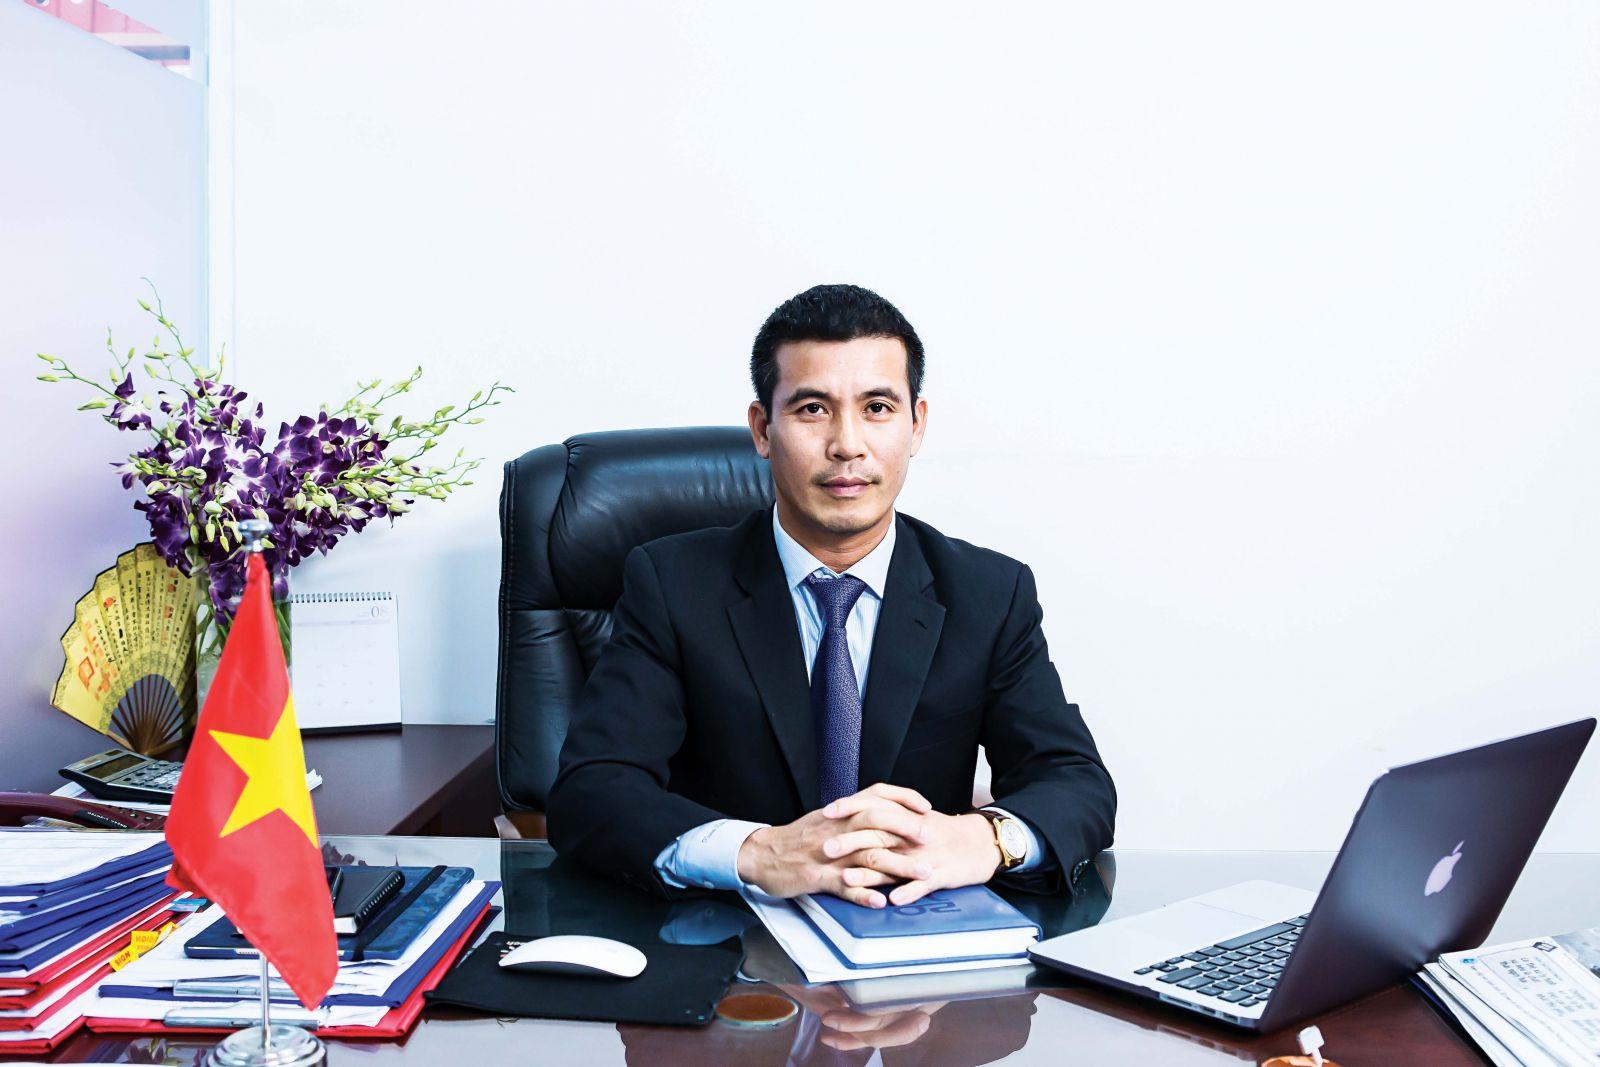 Ông Nguyễn Văn Hùng - Tổng Giám đốc Liên doanh Seyoung Hòa Hiệp.